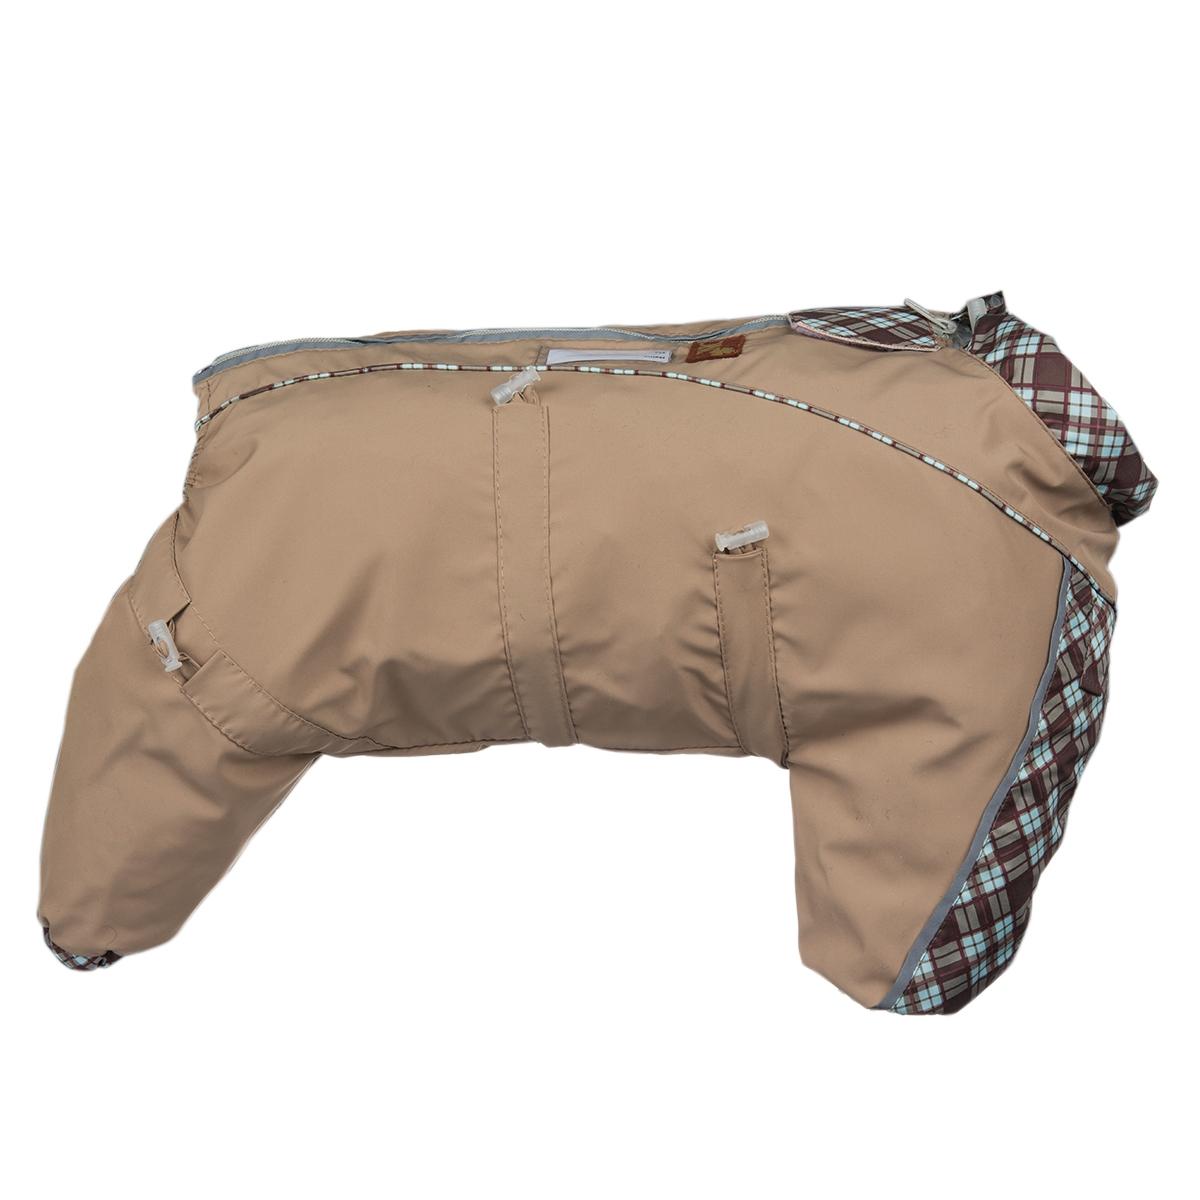 Комбинезон для собак Dogmoda Doggs, для девочки, цвет: бежевый. Размер XXХLDM-140555_бежевыйКомбинезон для собак Dogmoda Doggs отлично подойдет для прогулок в прохладную погоду.Комбинезон изготовлен из полиэстера, защищающего от ветра и осадков, а на подкладке используется вискоза, которая обеспечивает отличный воздухообмен. Комбинезон застегивается на молнию и липучку, благодаря чему его легко надевать и снимать. Молния снабжена светоотражающими элементами. Низ рукавов и брючин оснащен внутренними резинками, которые мягко обхватывают лапки, не позволяя просачиваться холодному воздуху. На вороте, пояснице и лапках комбинезон затягивается на шнурок-кулиску с затяжкой. Благодаря такому комбинезону простуда не грозит вашему питомцу.Длина по спинке: 70 см.Объем груди: 108 см.Обхват шеи: 77 см.